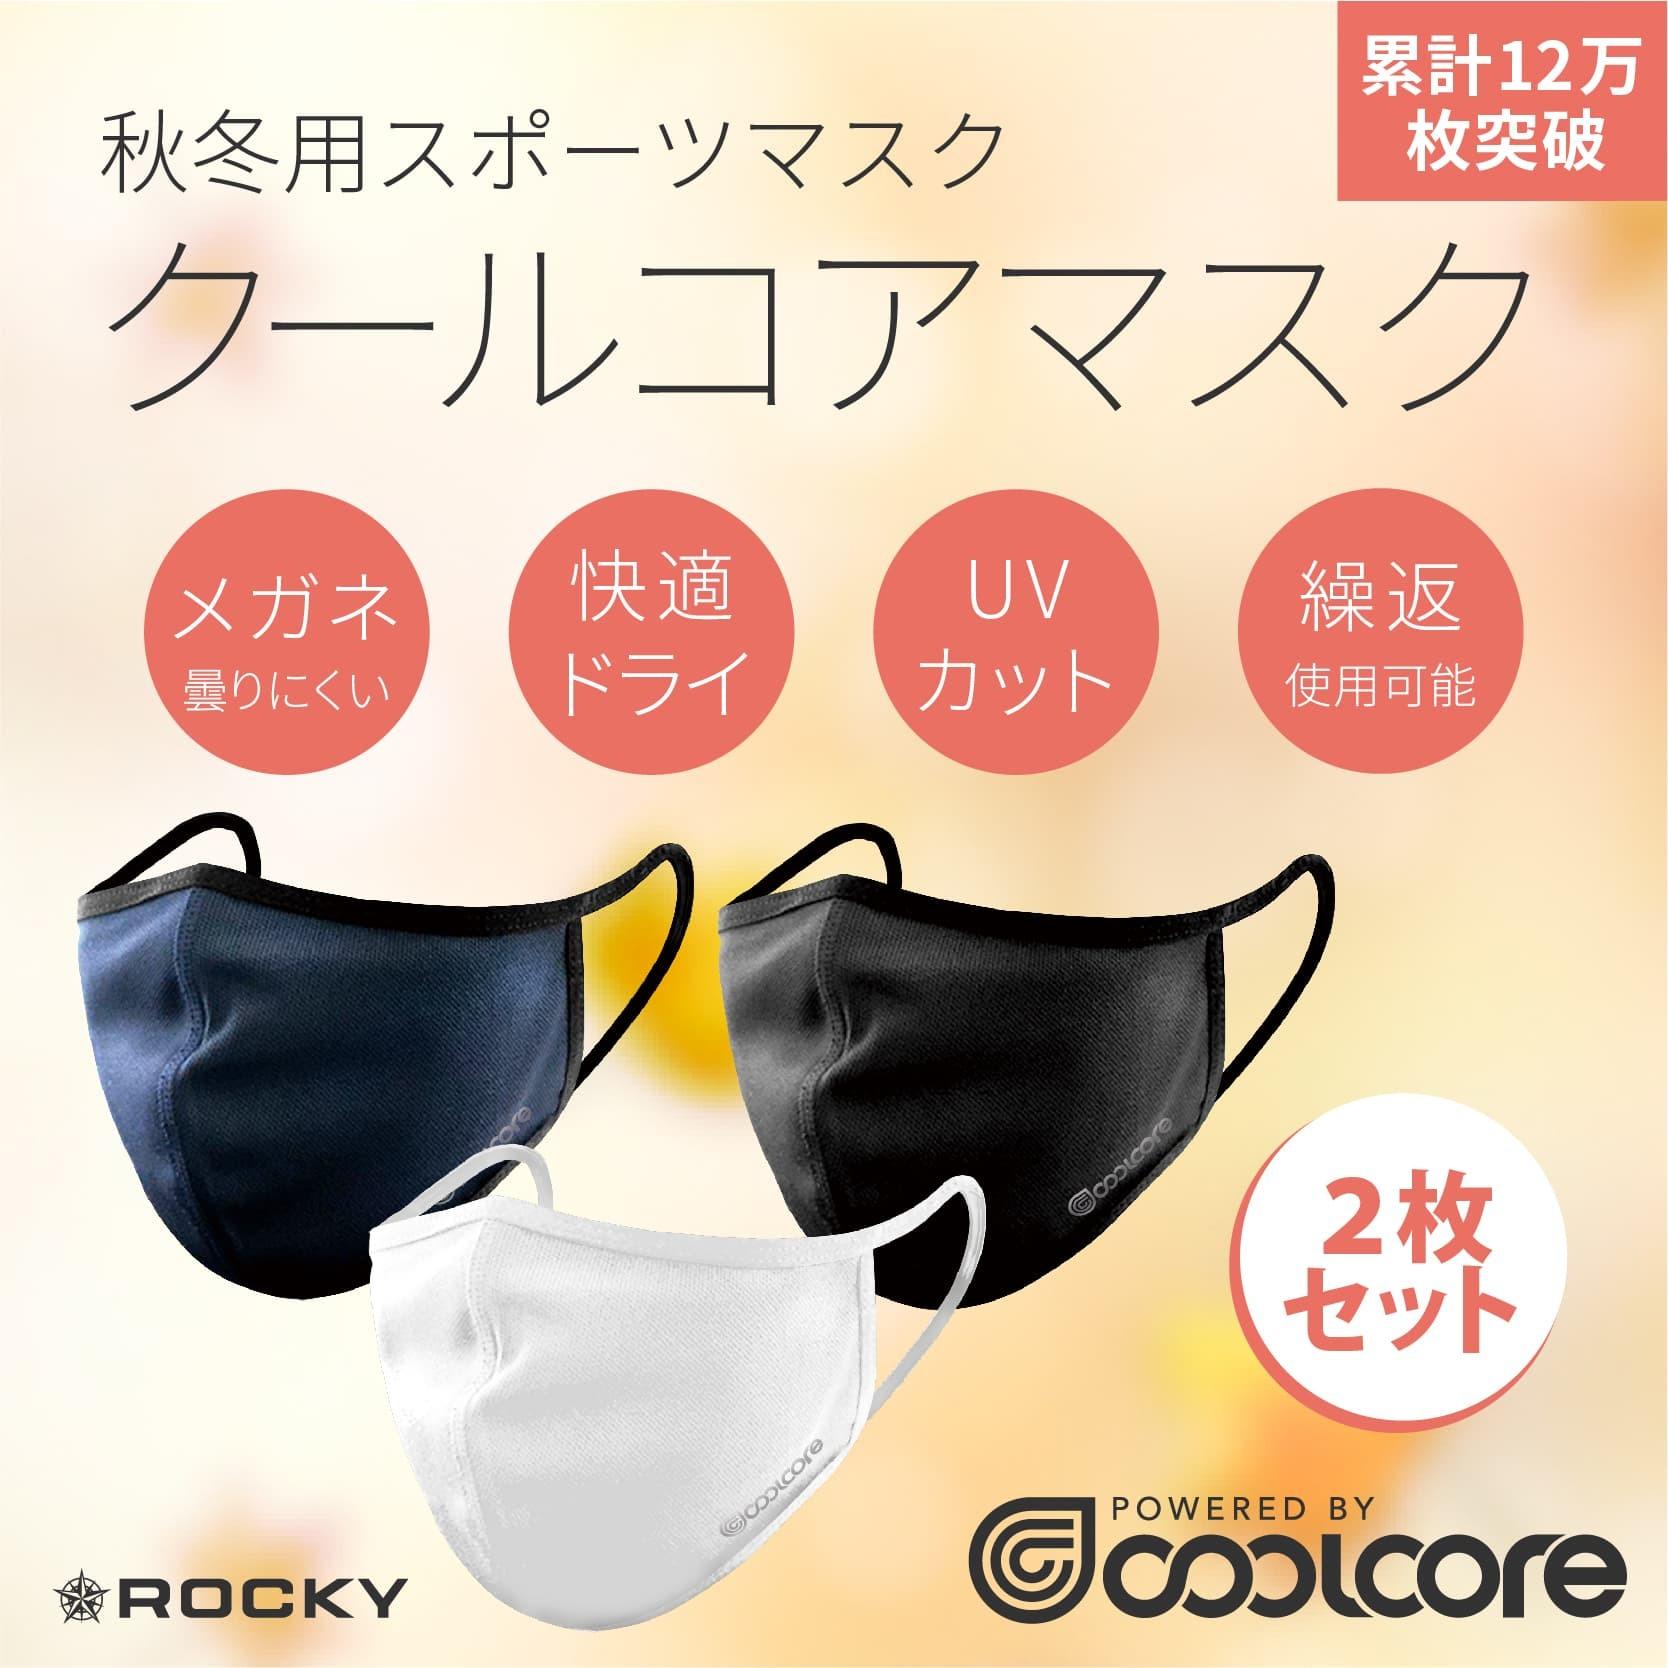 クールコアマスク2枚セット